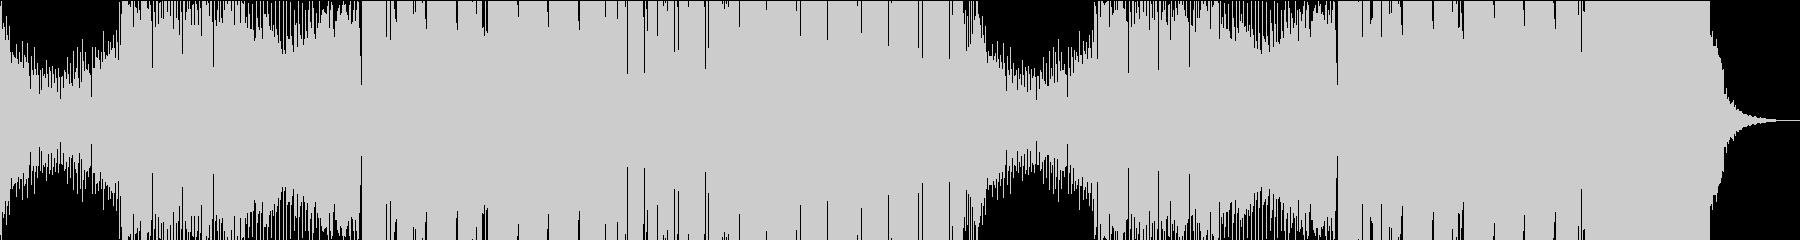 かなり激しく壊れるくらいハードなEDMの未再生の波形